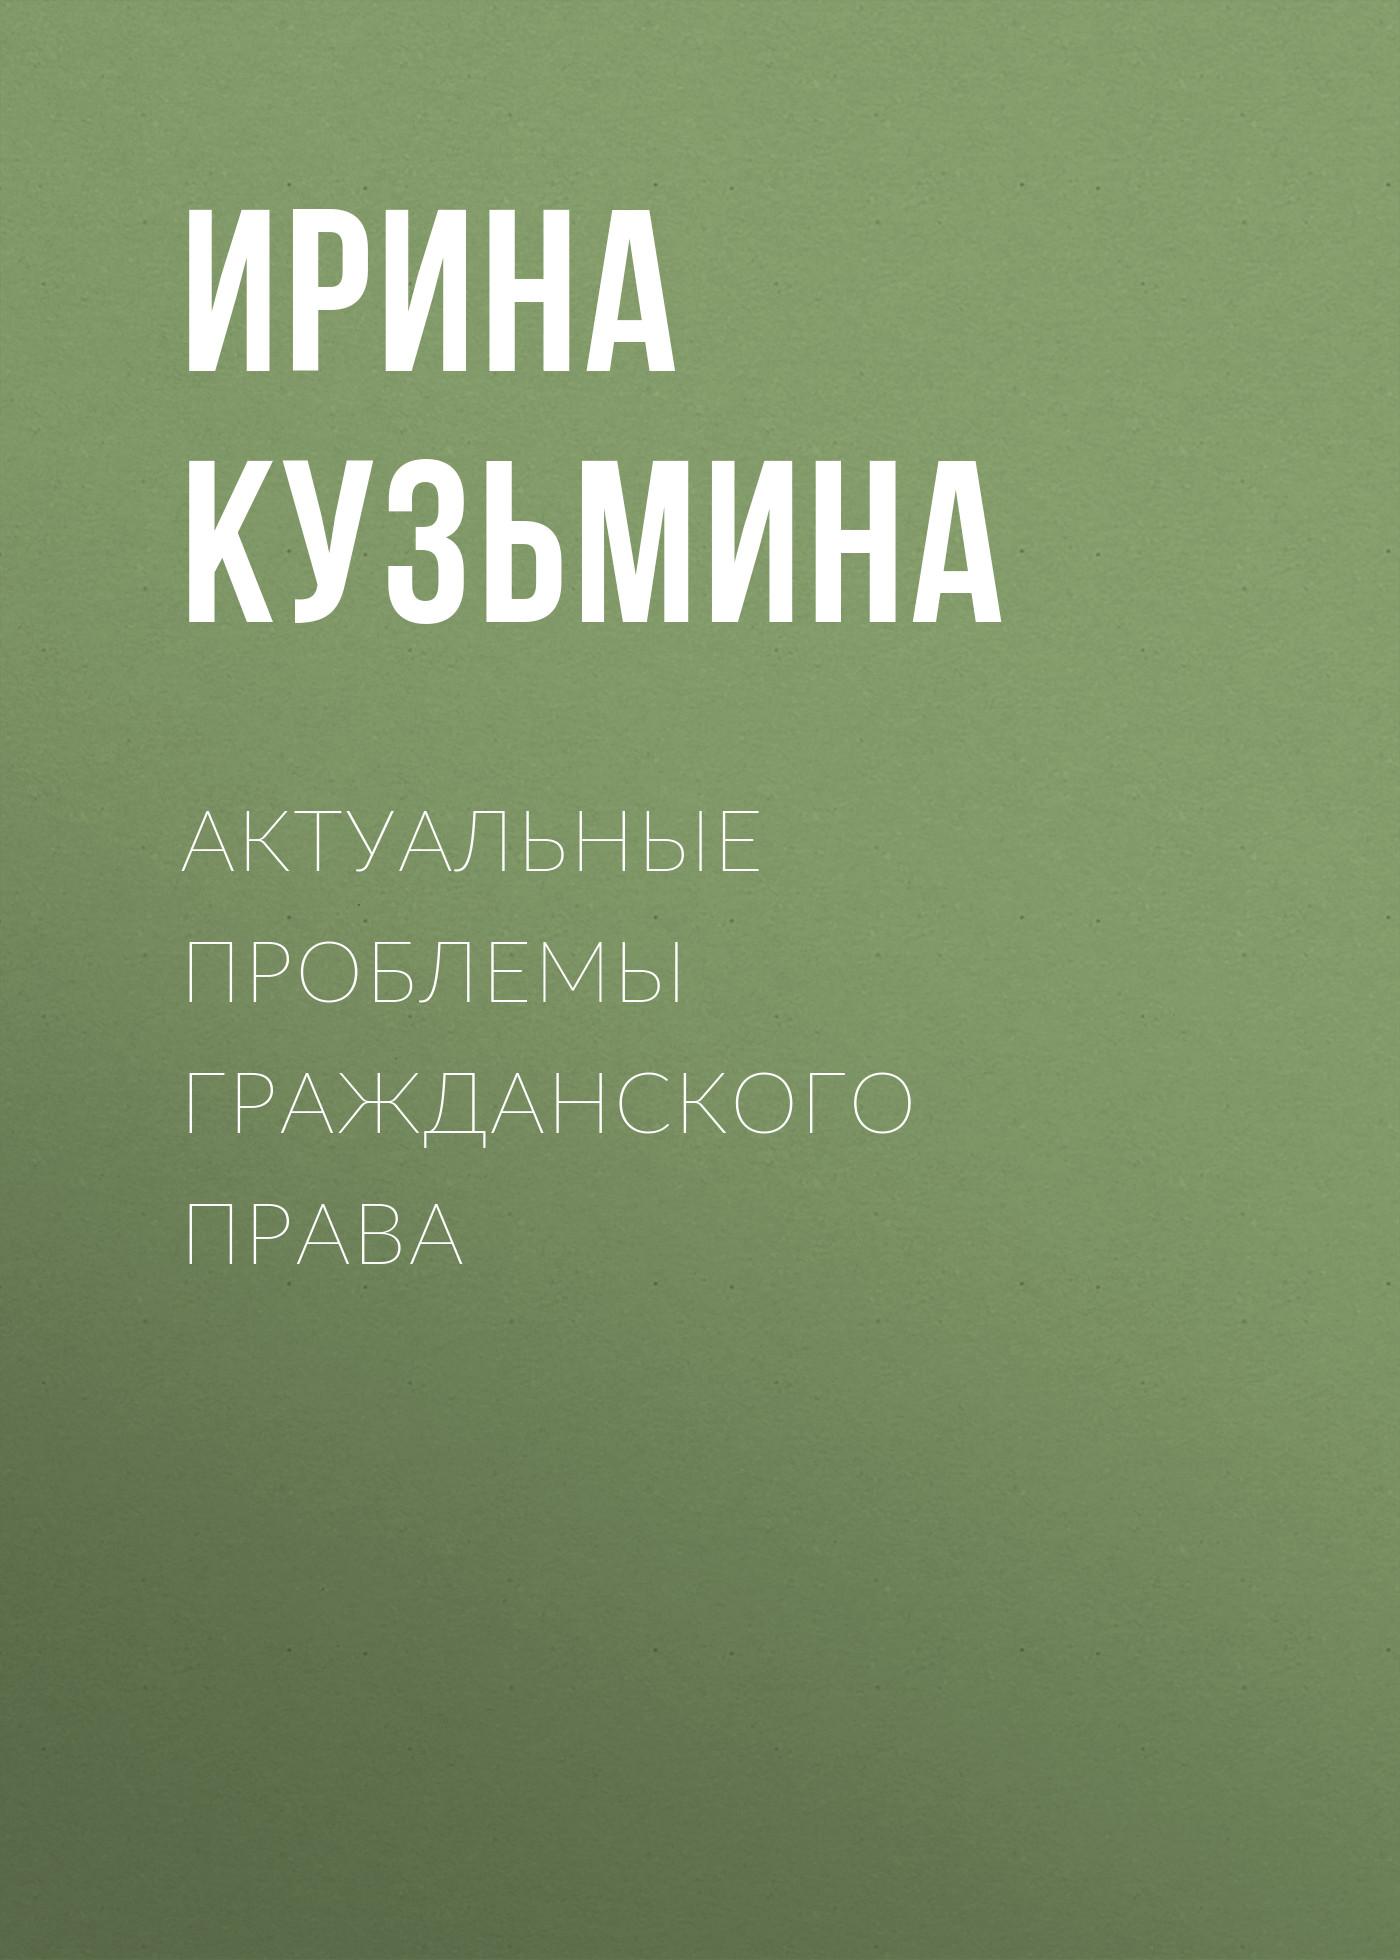 Ирина Кузьмина Актуальные проблемы гражданского права елена шаблова актуальные проблемы гражданского и предпринимательского права